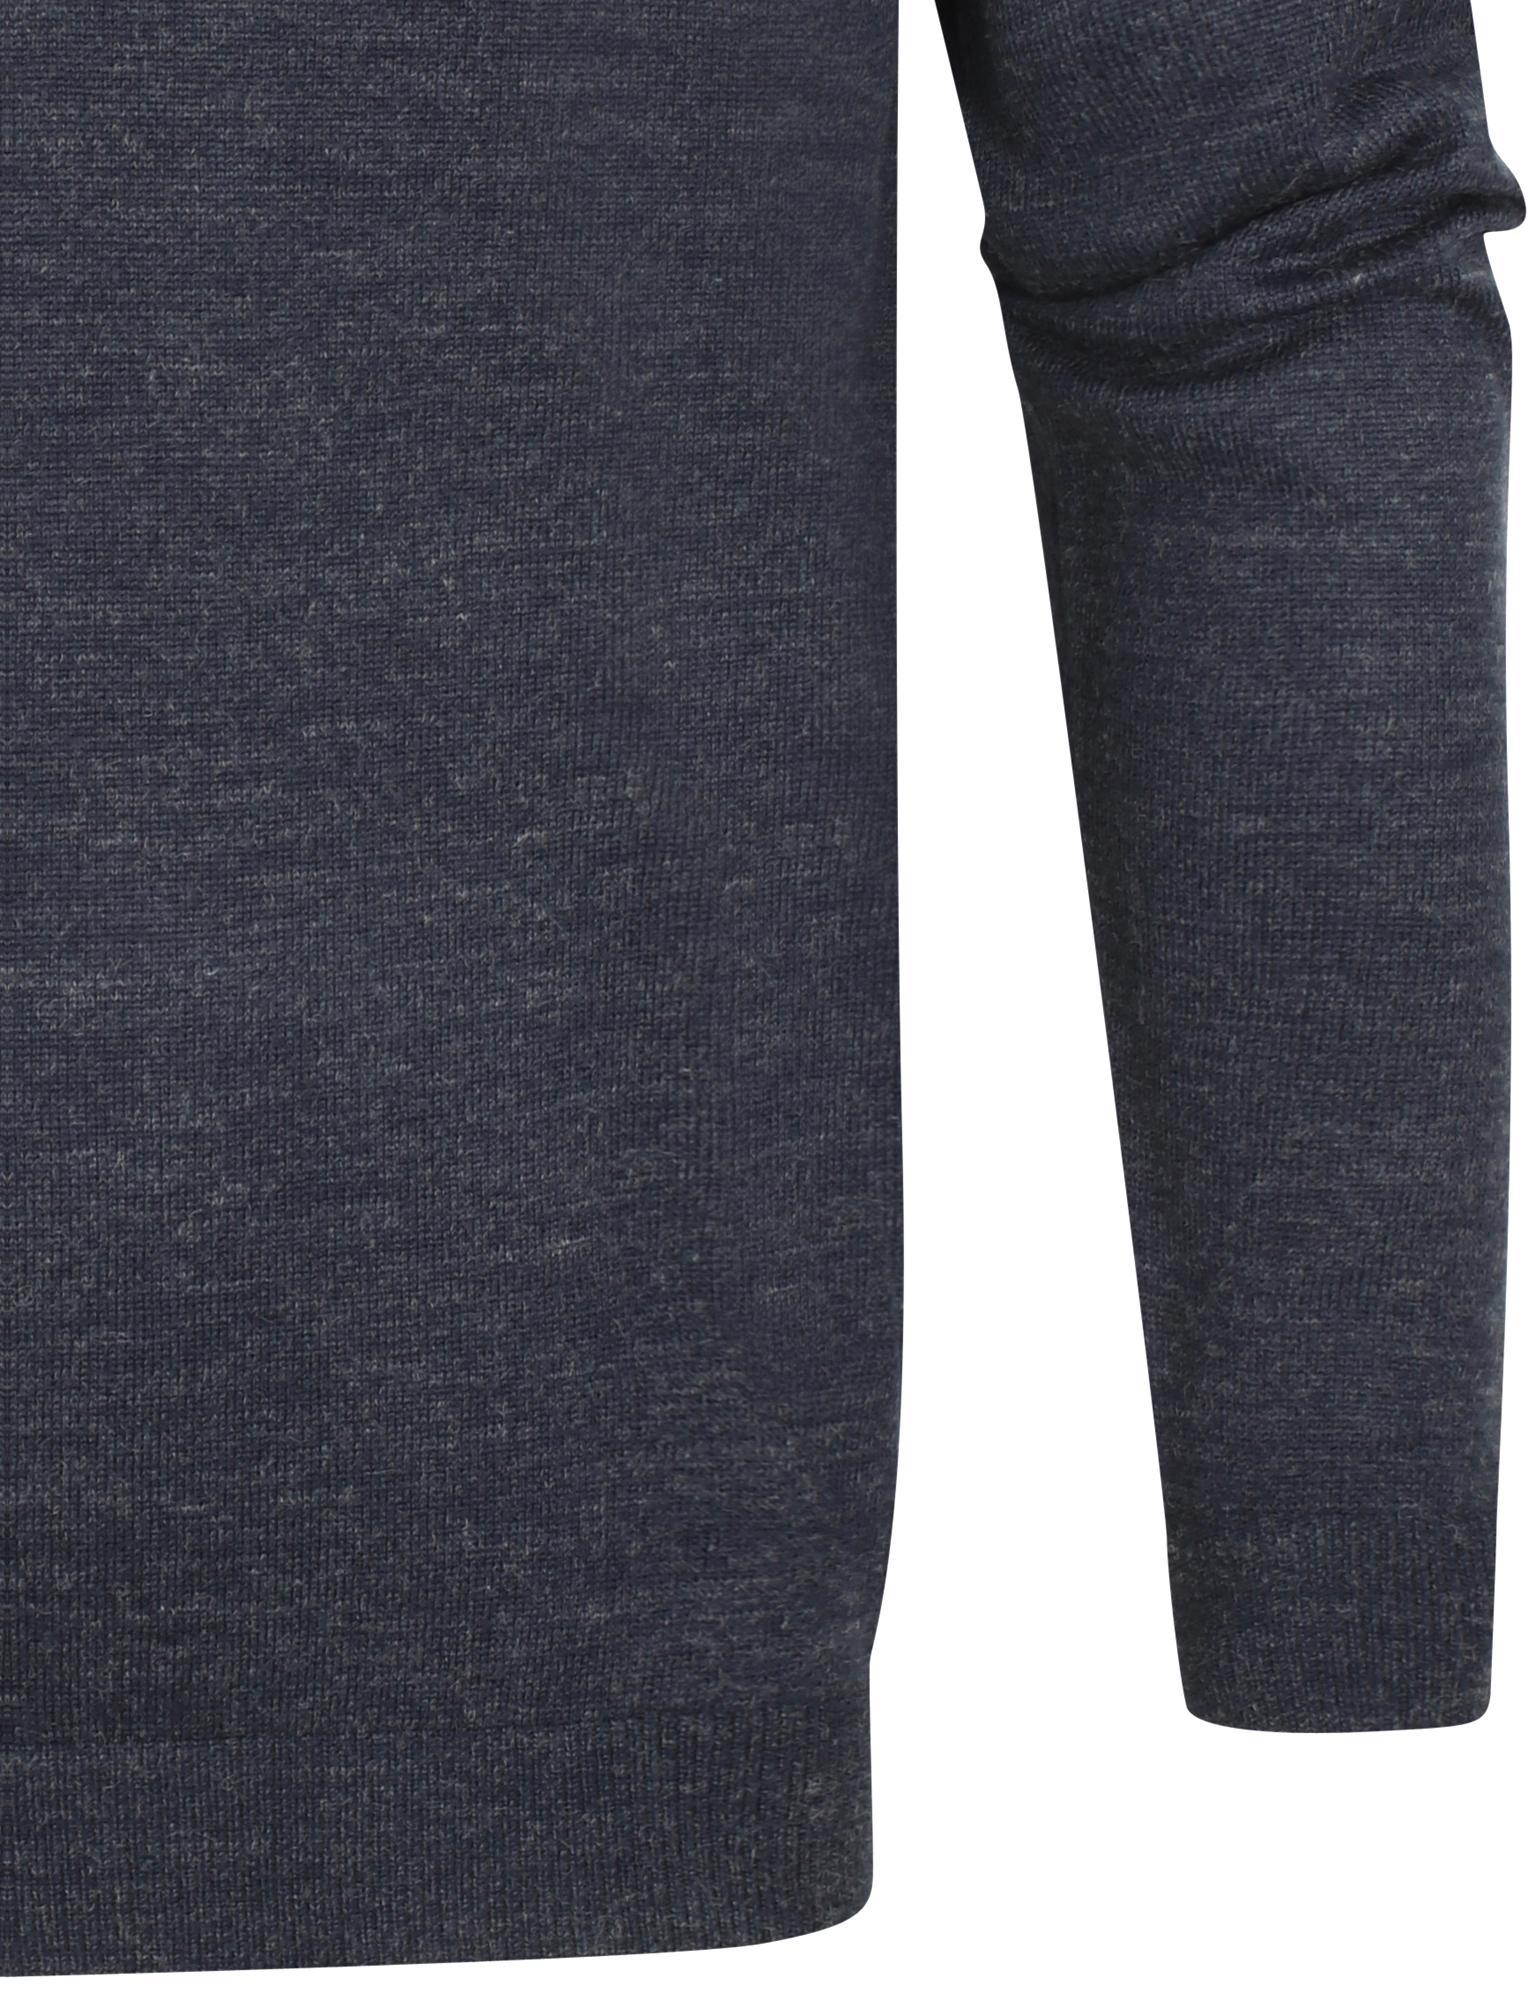 Kensington-Eastside-Men-039-s-Wool-Blend-Knitted-Crew-or-V-Neck-Jumper-Sweater-Top thumbnail 25